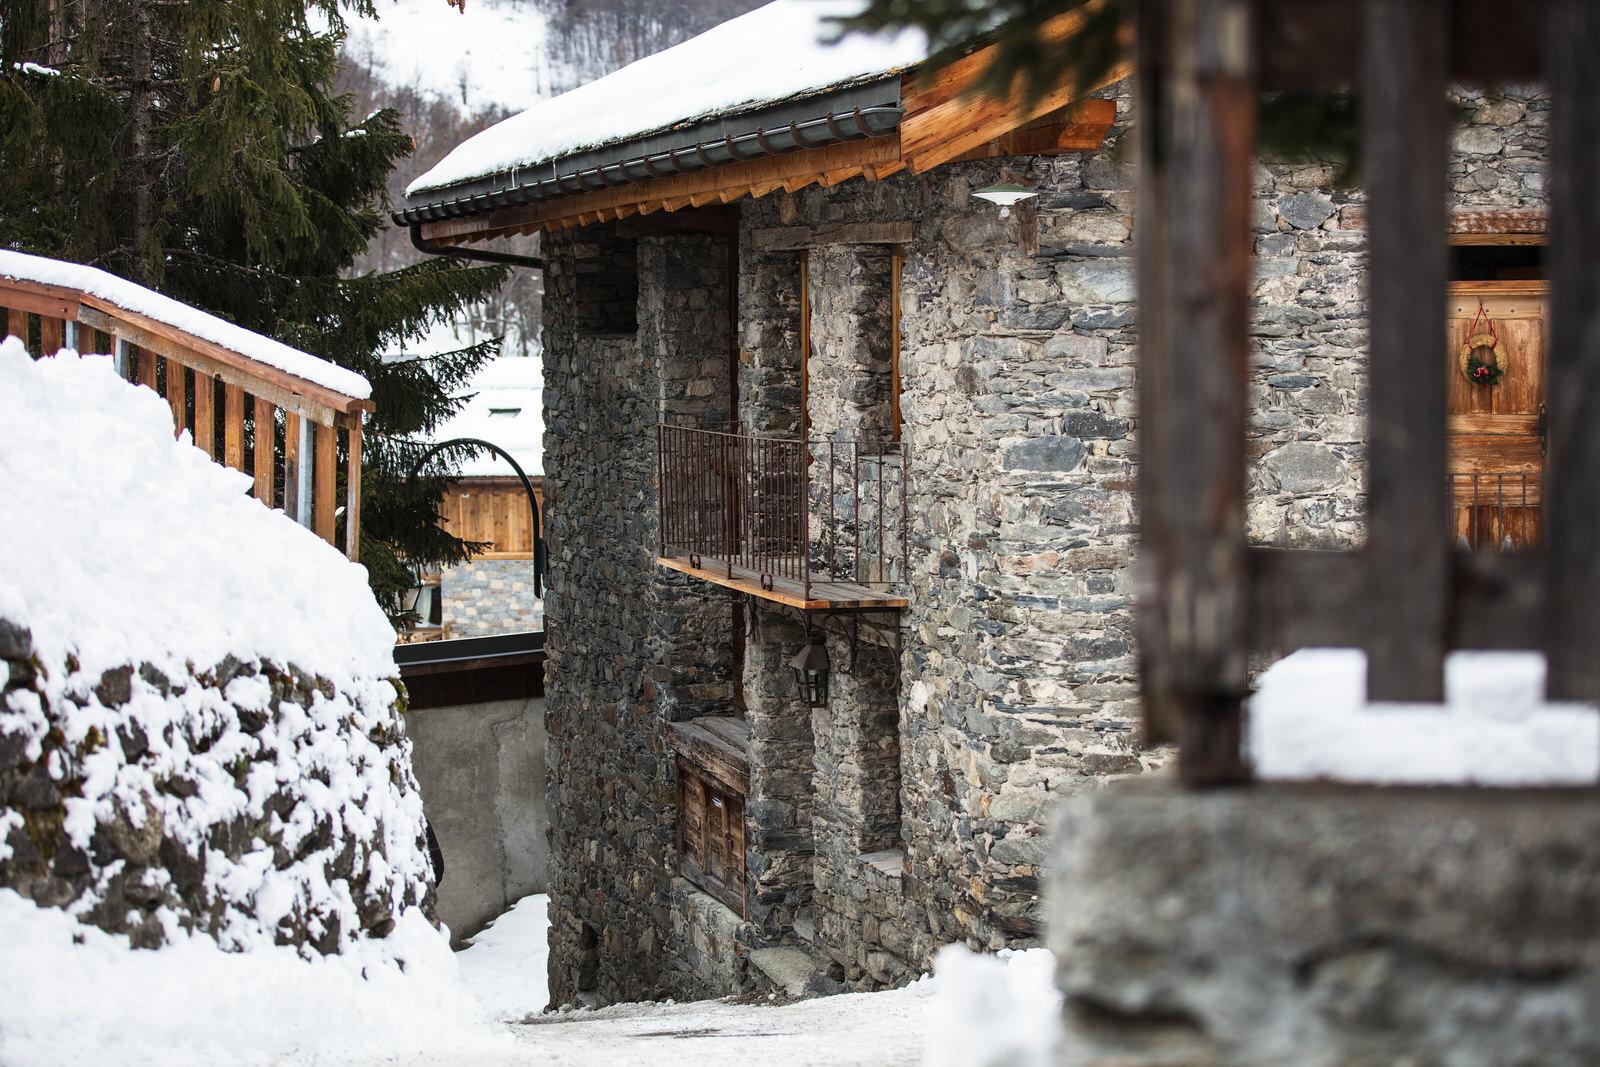 Le village de Saint-Martin-de-Belleville : maison en pierre